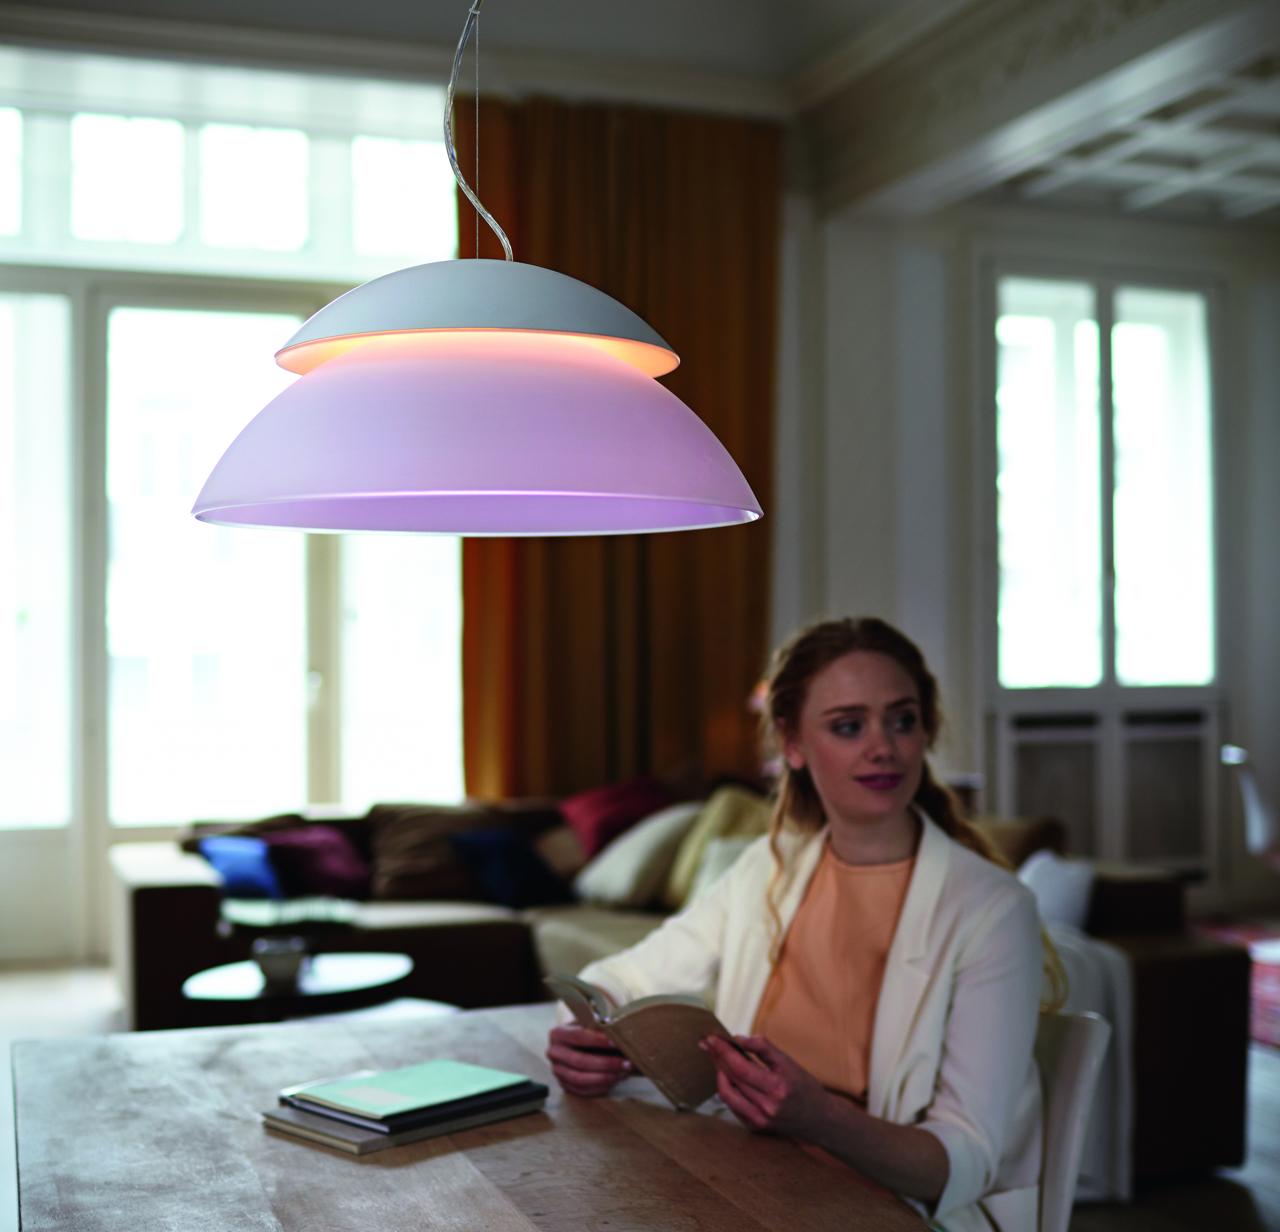 foto galerie hue beyond l sst licht mixen smart light living. Black Bedroom Furniture Sets. Home Design Ideas